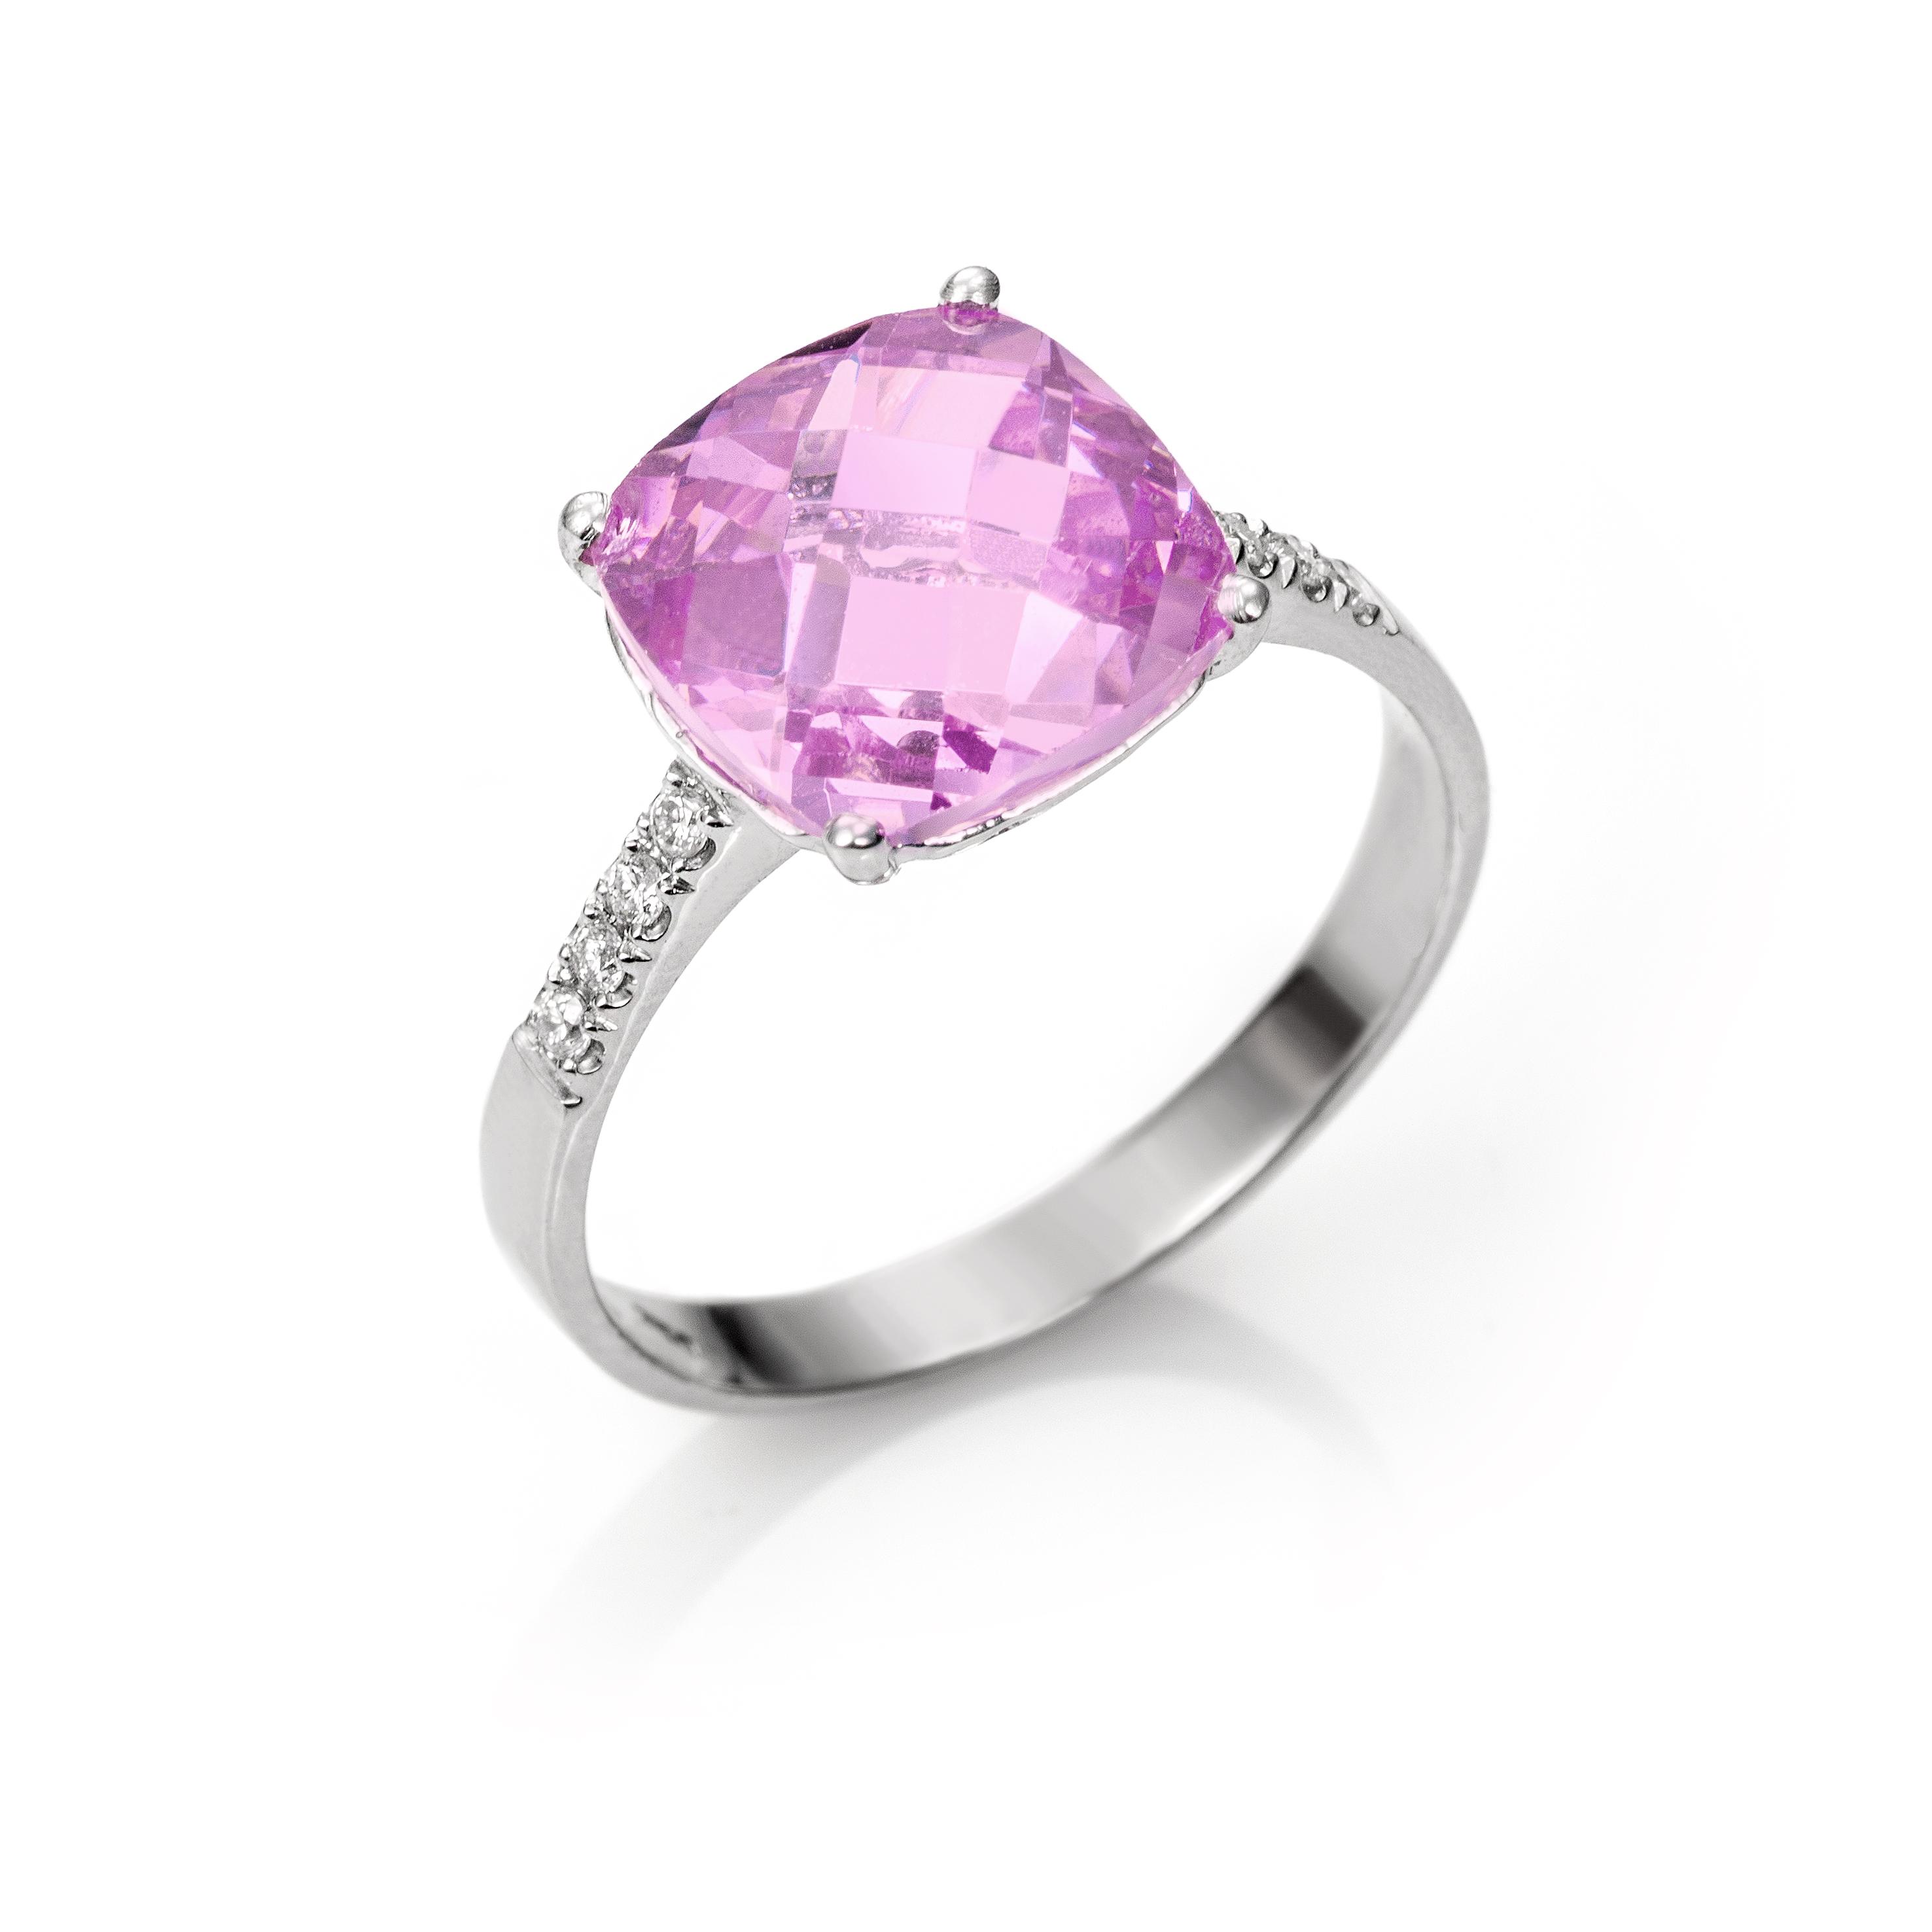 6e170a79393f Anillo Oro Blanco 18kts con Diamantes y Rosa de Francia - Girbes Joyas